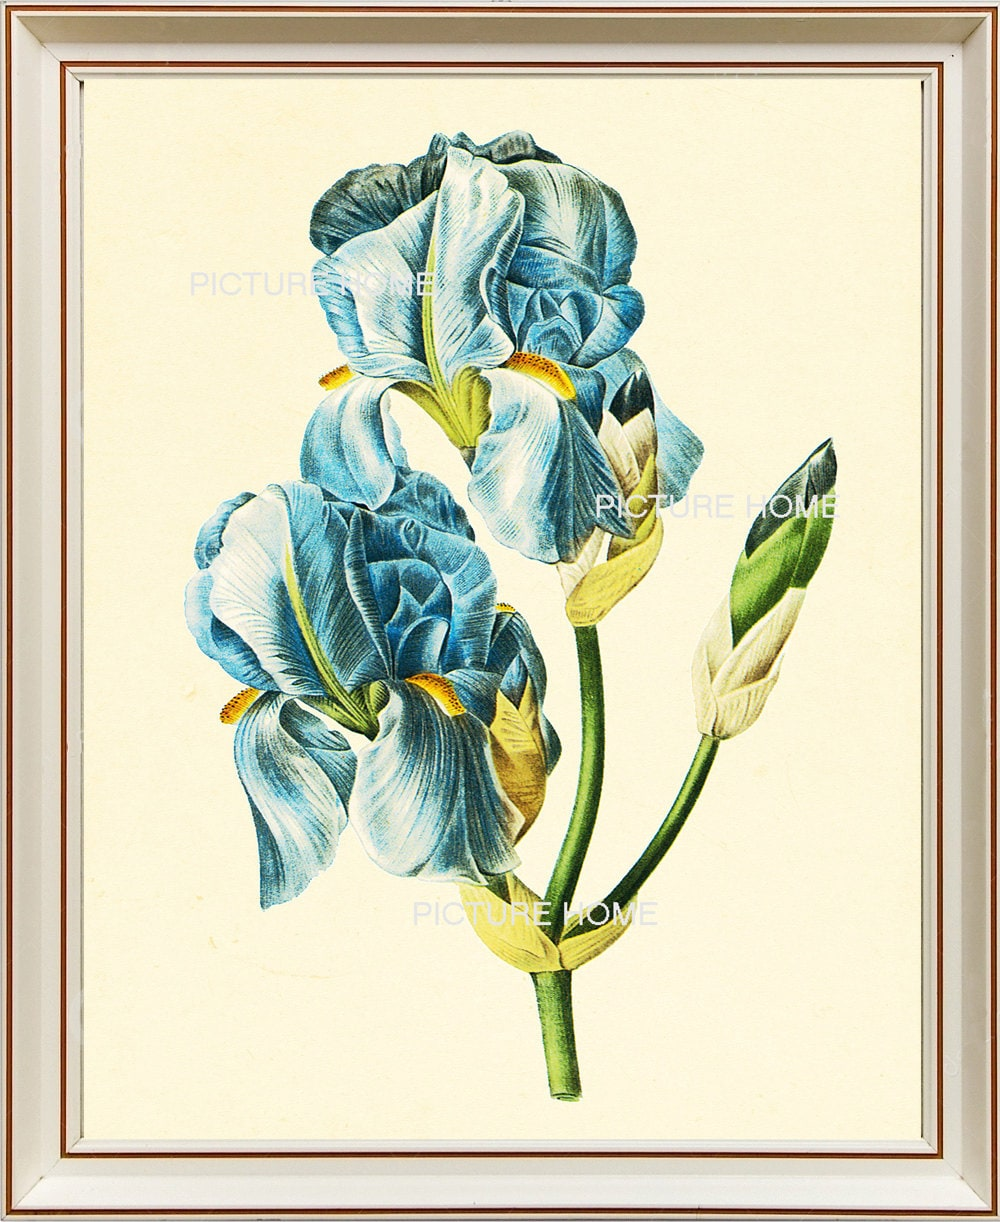 Blaue Iris botanischen Drucken 67 schöne 8 X 10 antike Redoute